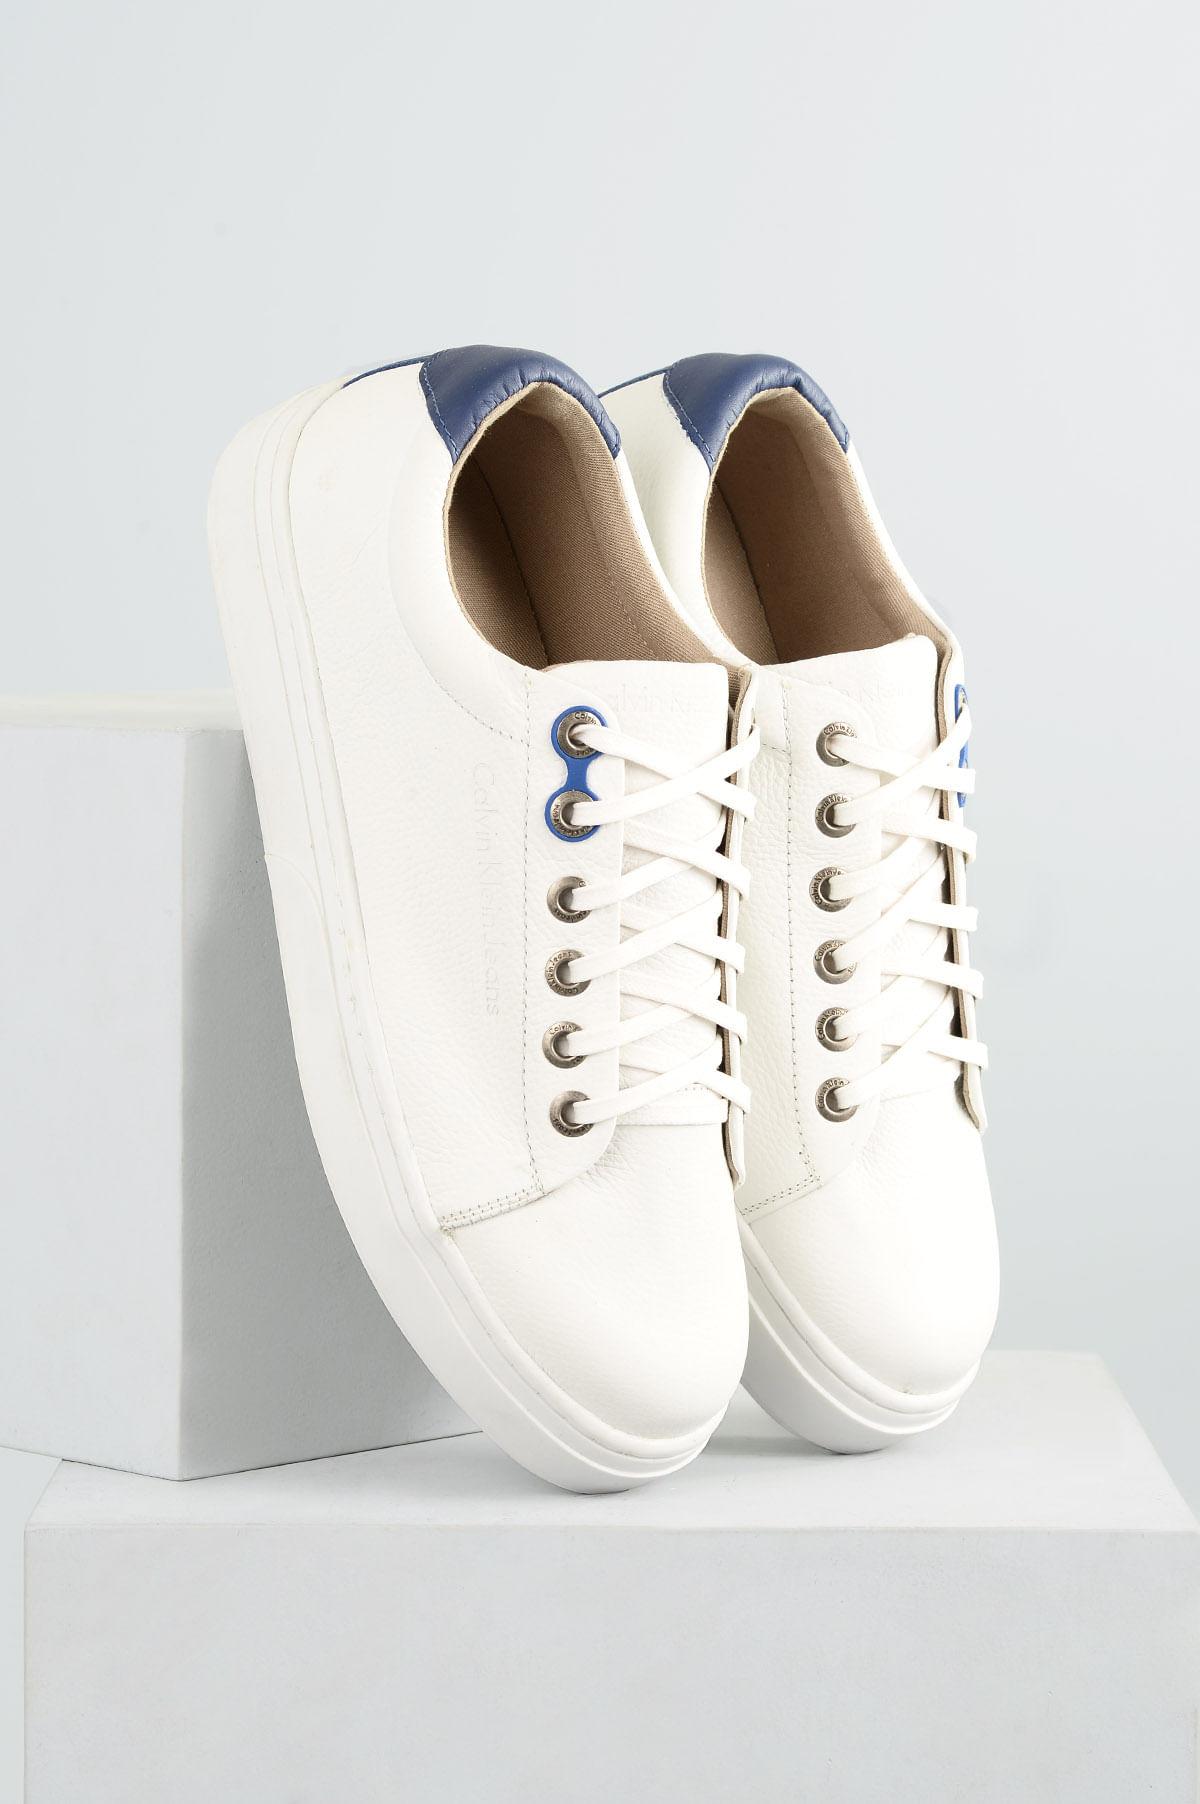 8746de40896 Sapatênis Masculino Calvin Klein Sergio CR-BRANCO - Mundial Calçados